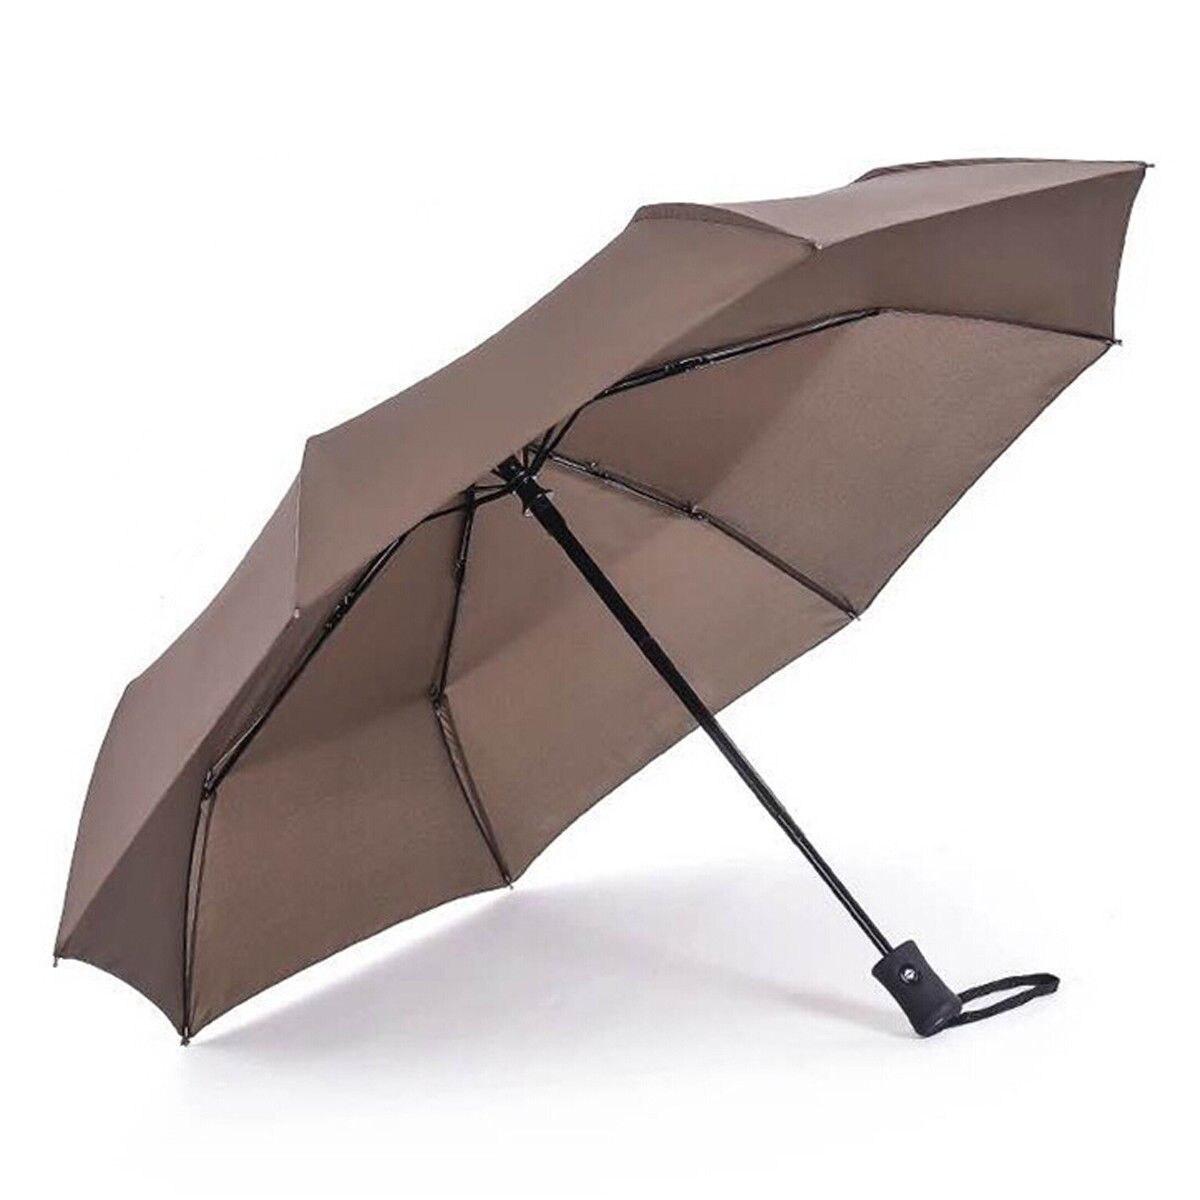 Новое поступление популярный автоматический зонт ветрозащитный мужской черный Компактный широкий автоматический открытый закрытый легкий - Цвет: Coffee